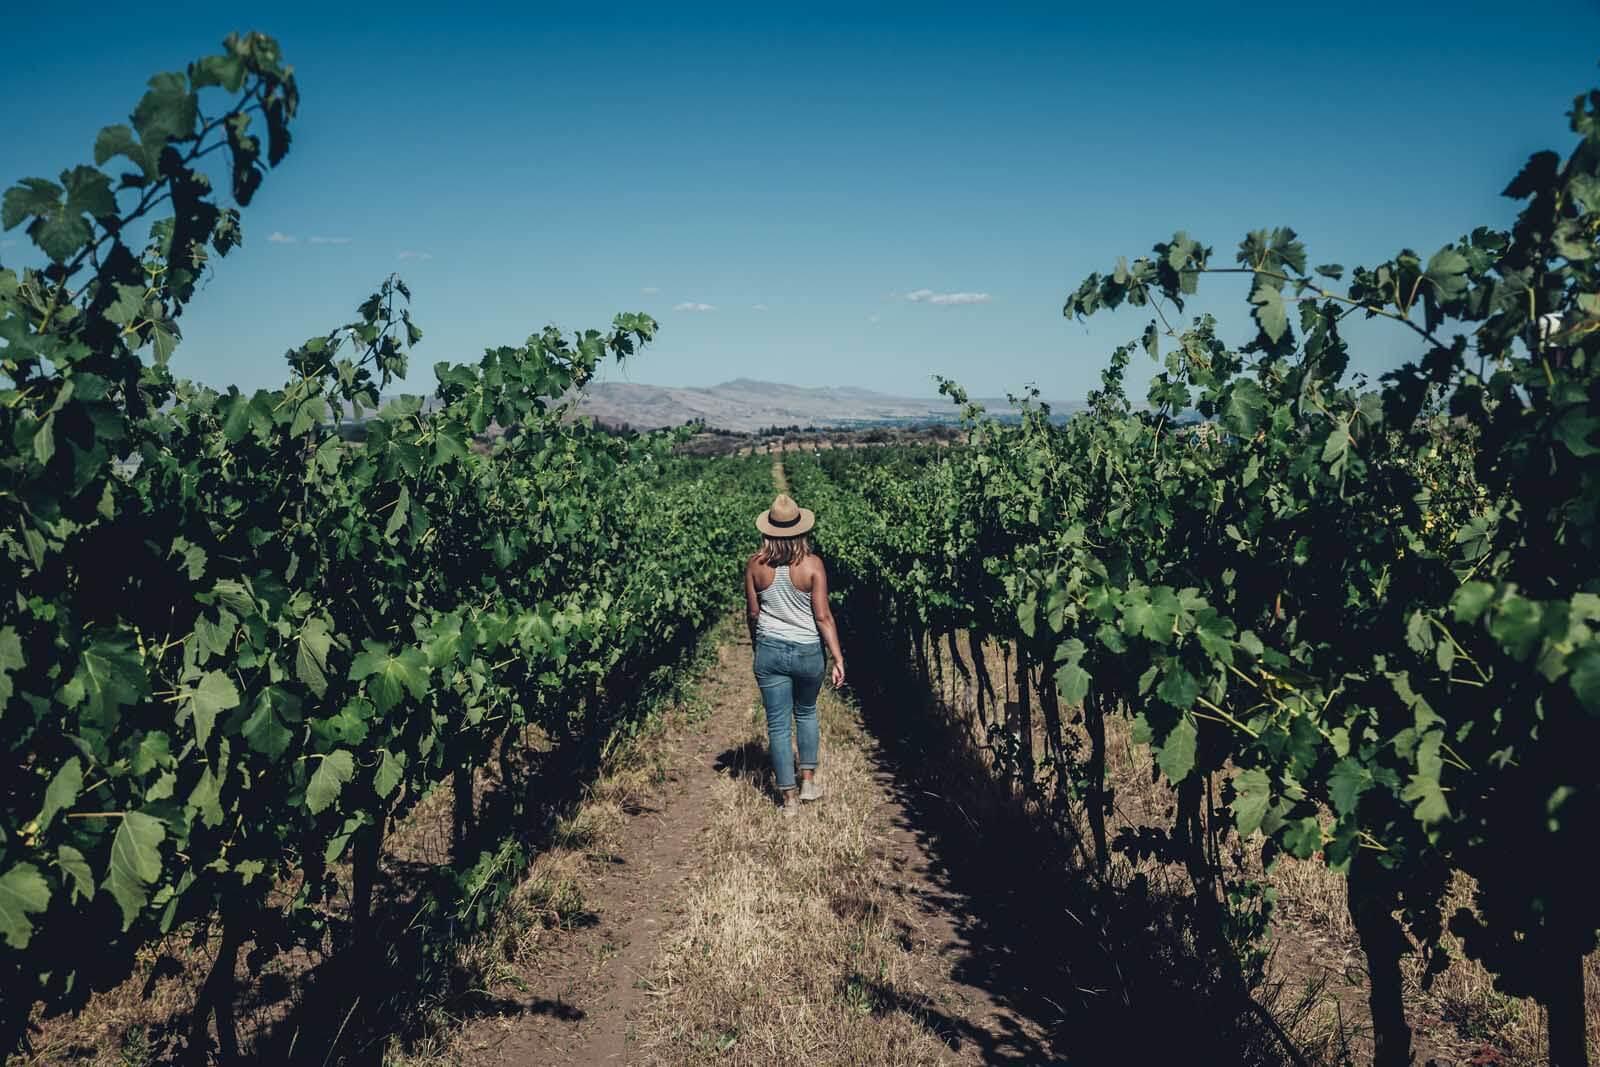 Hike up to Wildridge Winery